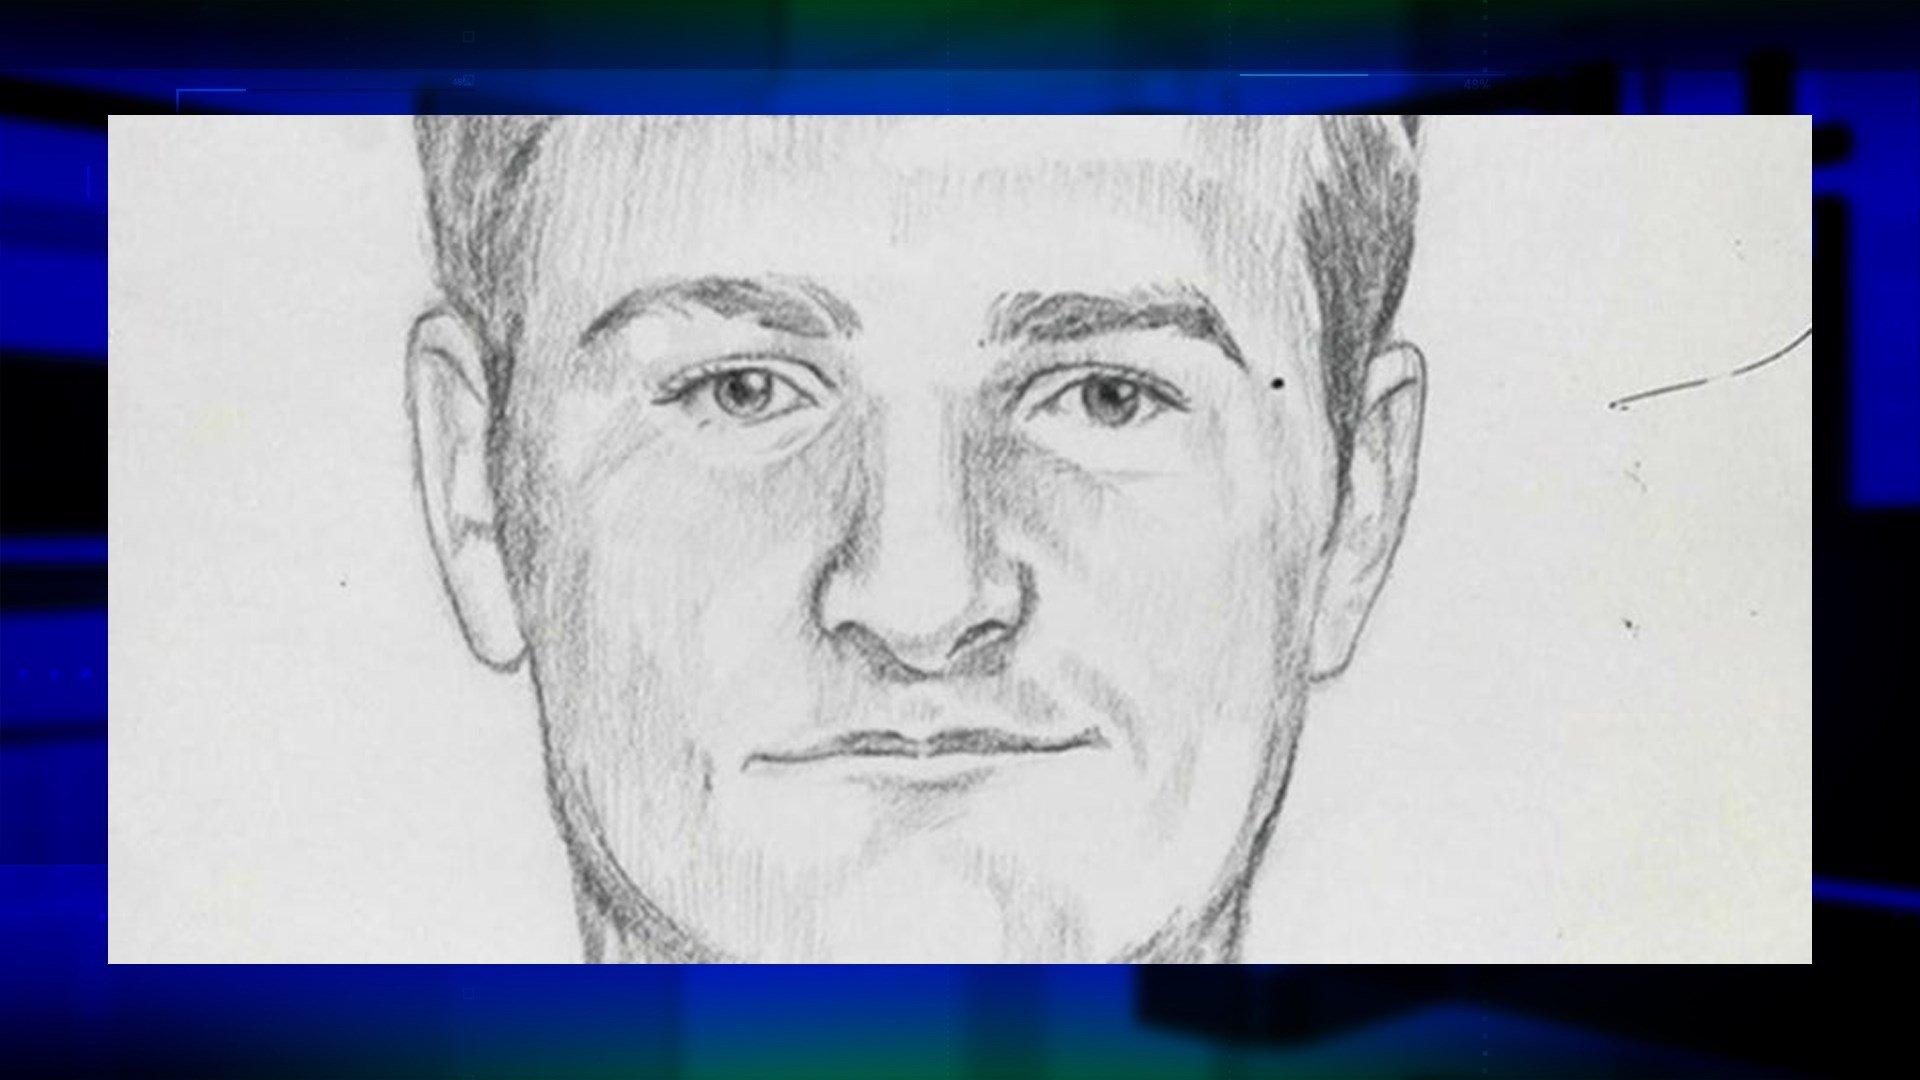 Major announcement\' planned on elusive serial killer - KZTV10.com ...